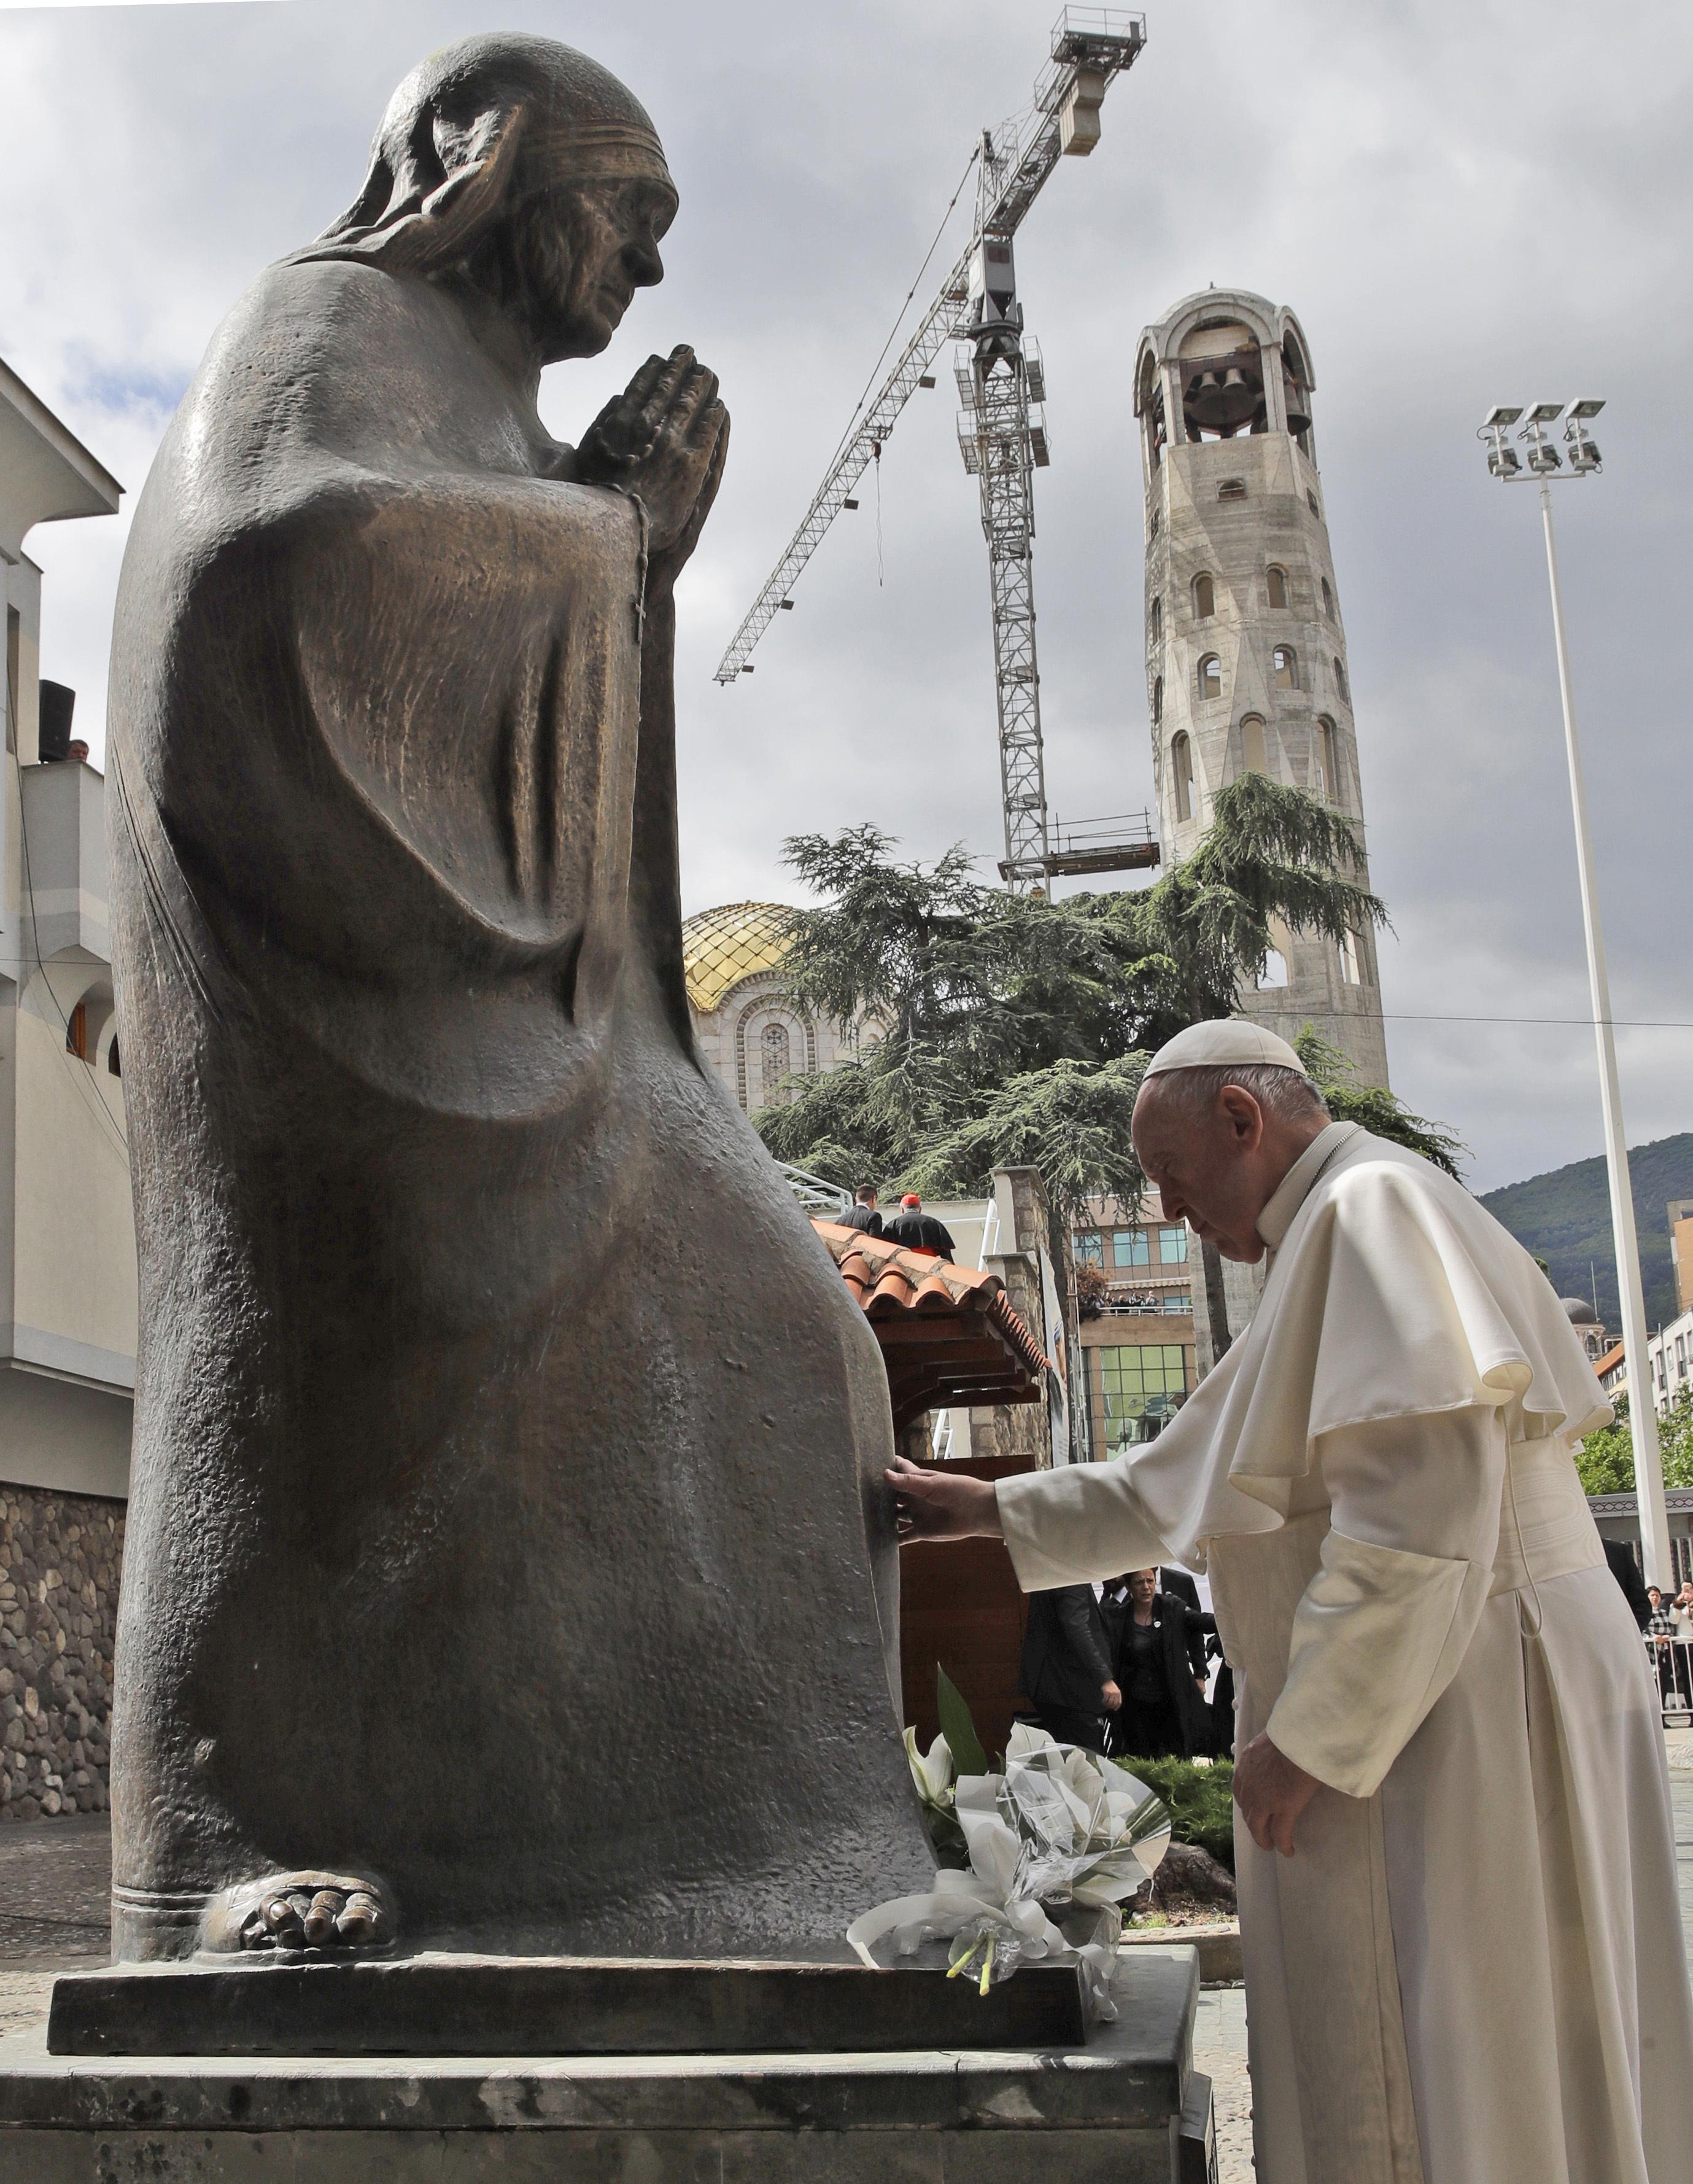 Ο Πάπας Φραγκίσκος αγγίζει το άγαλμα της Μητέρας Τερέζας